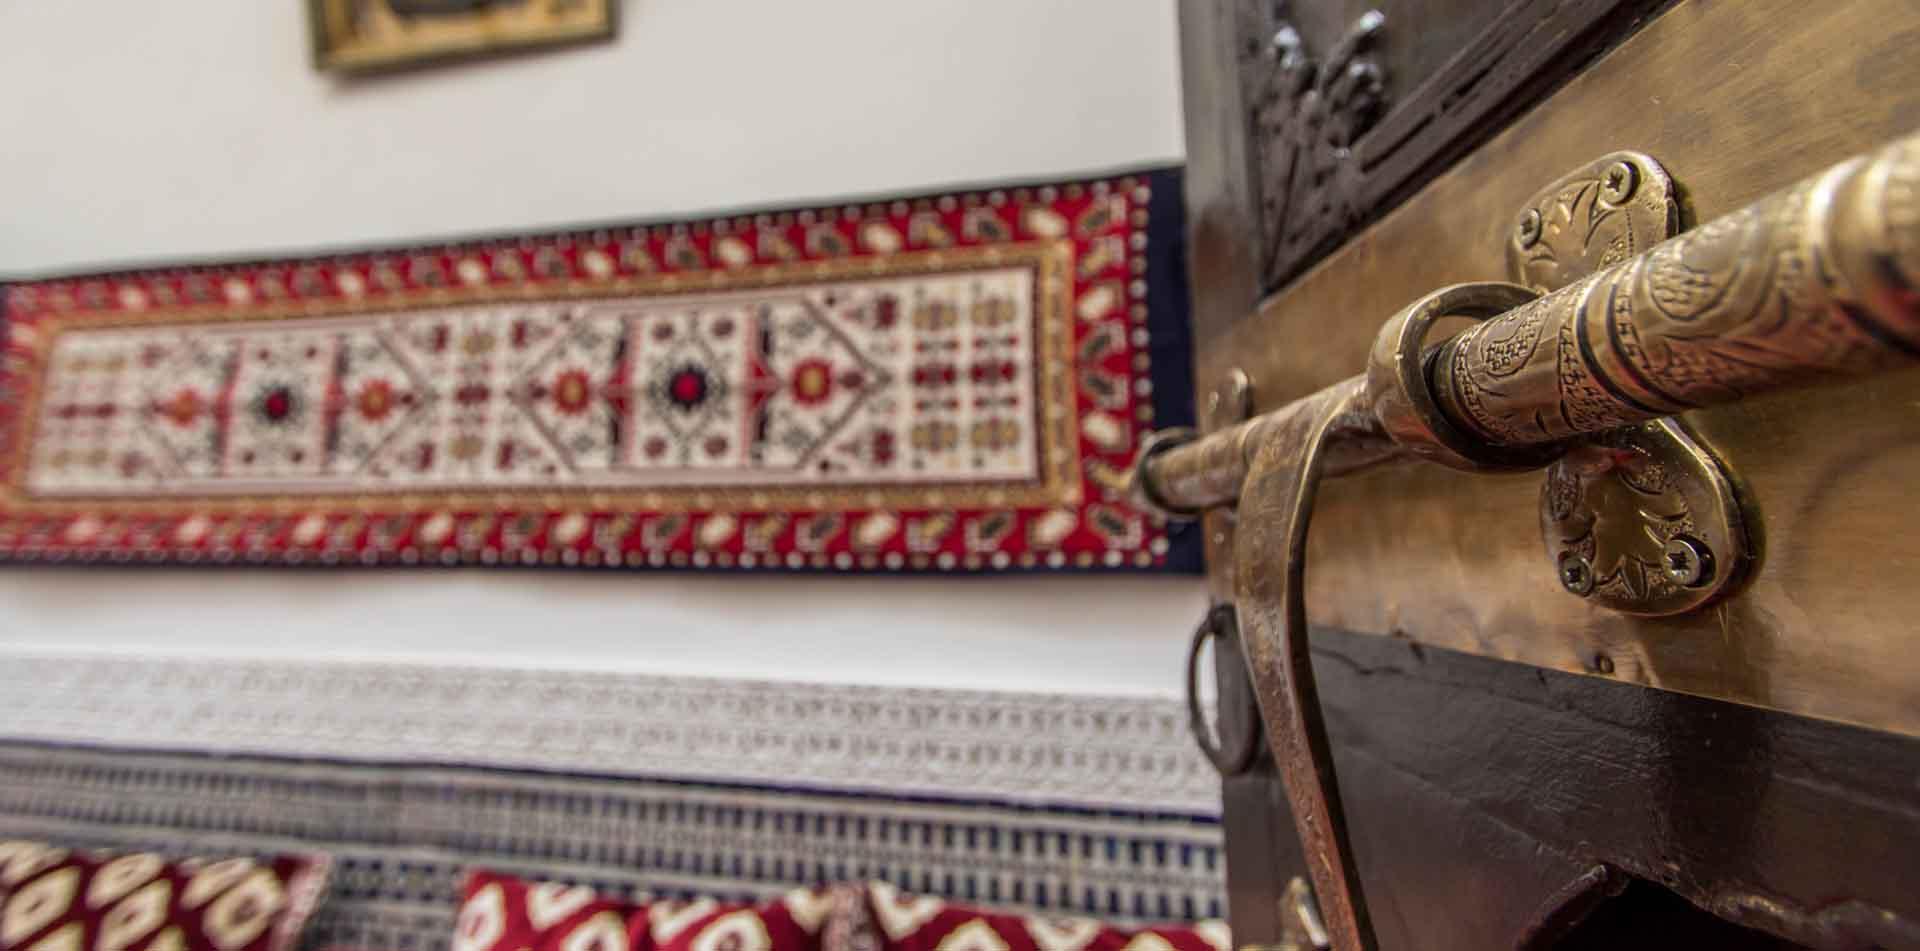 Riad taha fes, Morocco